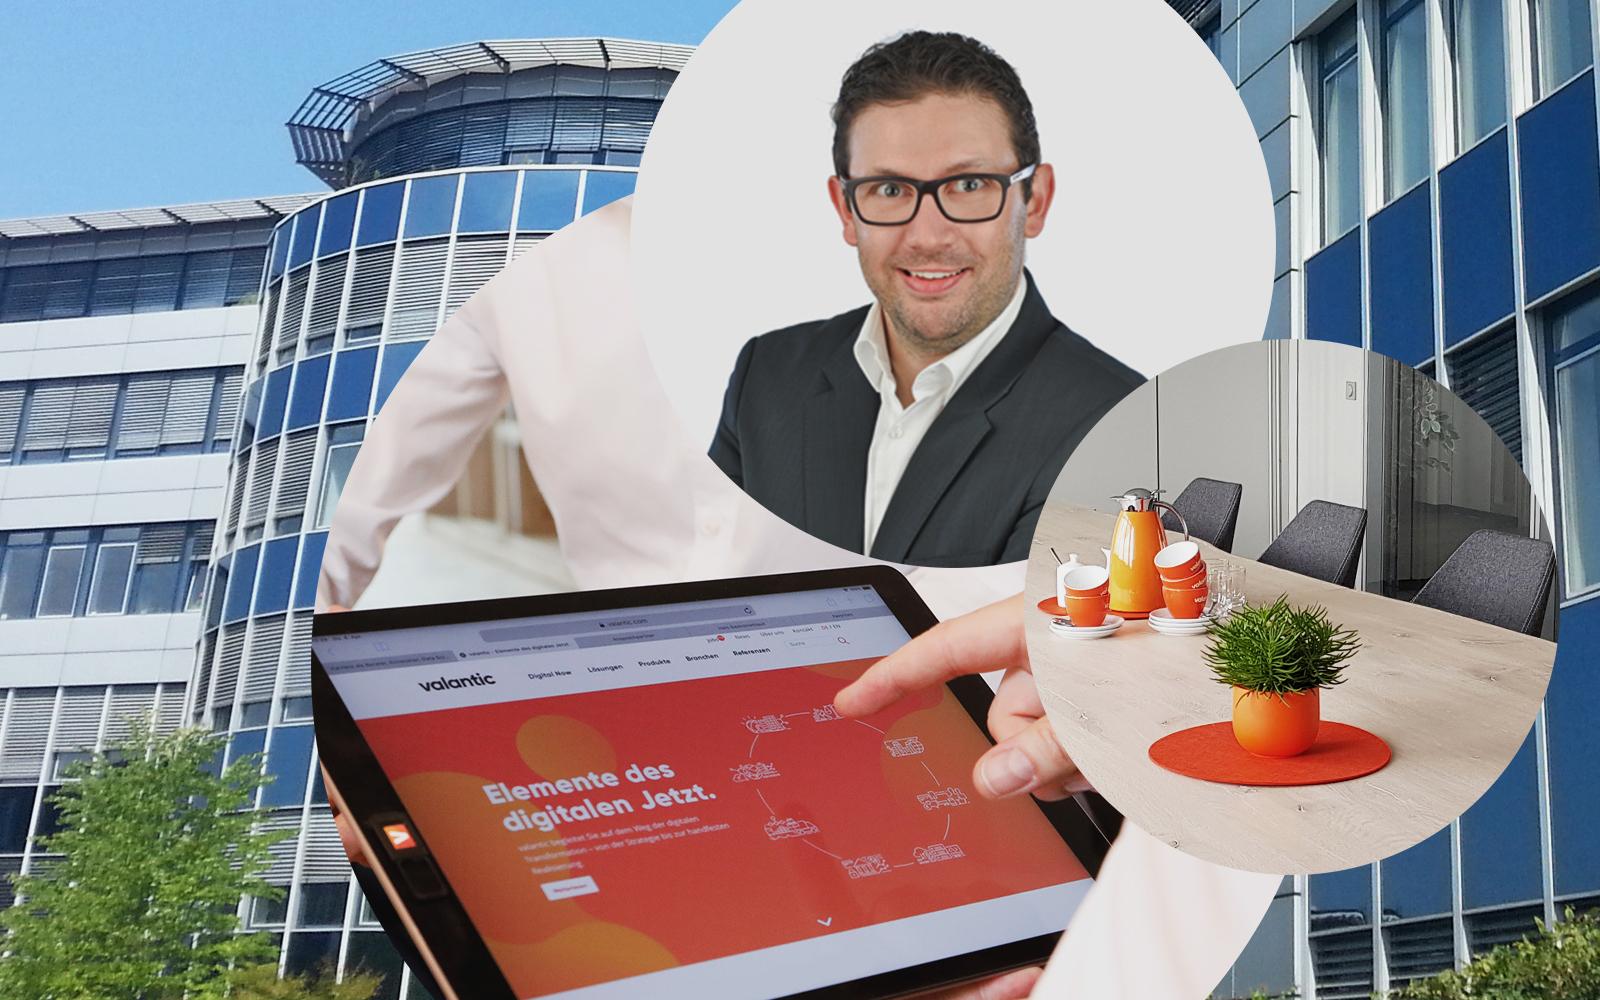 Bild von Nils Meißner, Projektmanager SAP S/4HANA bei valantic ERP Services, im Hintergrund die Büroräume und das Bürogebäude des Langenfelder Büros